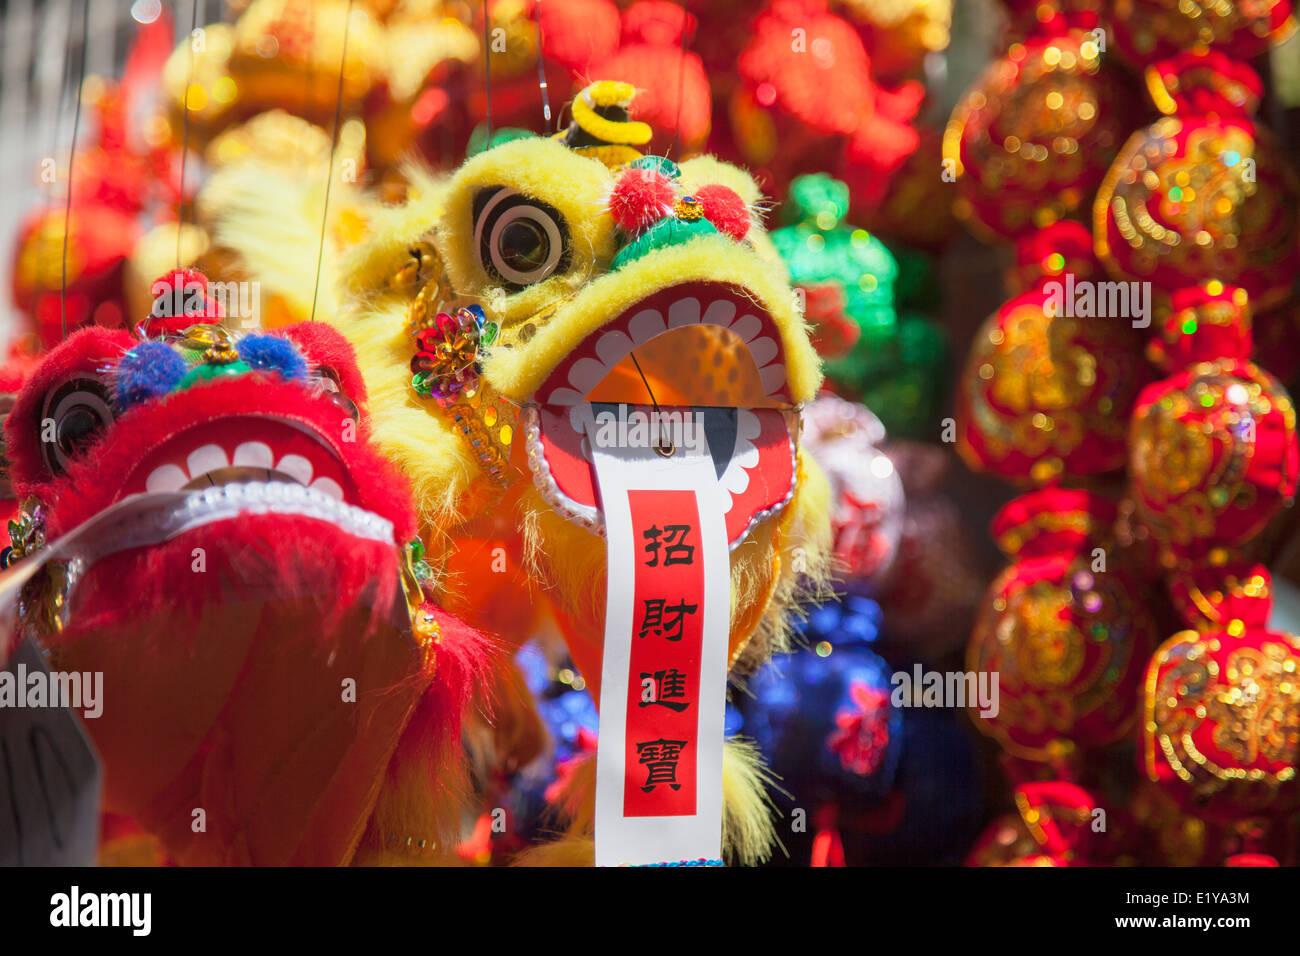 Chinese lion decoration at Fa Yuen Street Market, Mongkok, Kowloon, Hong Kong - Stock Image